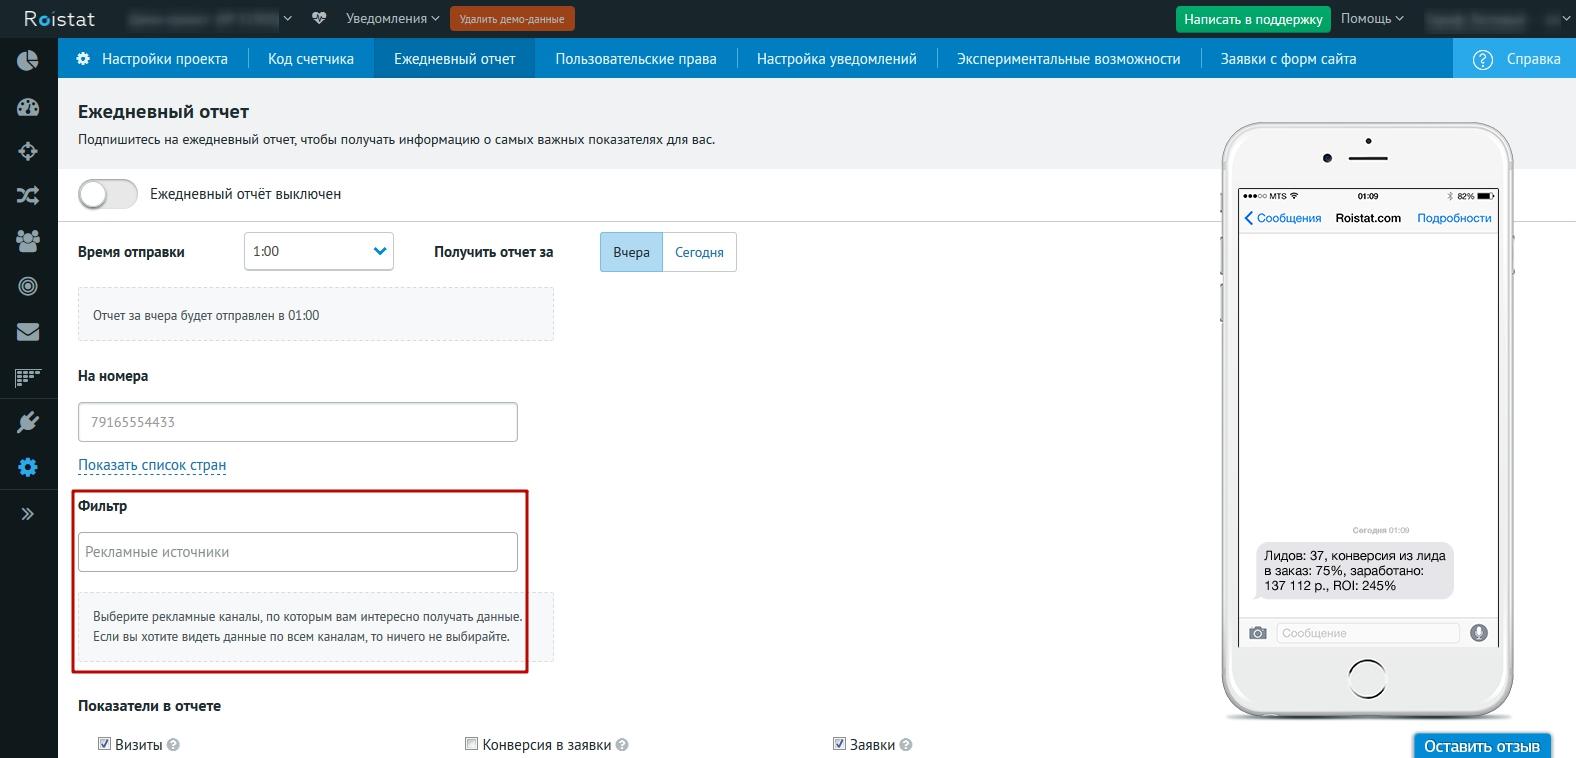 Roistat - Настройки проекта - Ежедневный отчет - Фильтрация по рекламным каналам